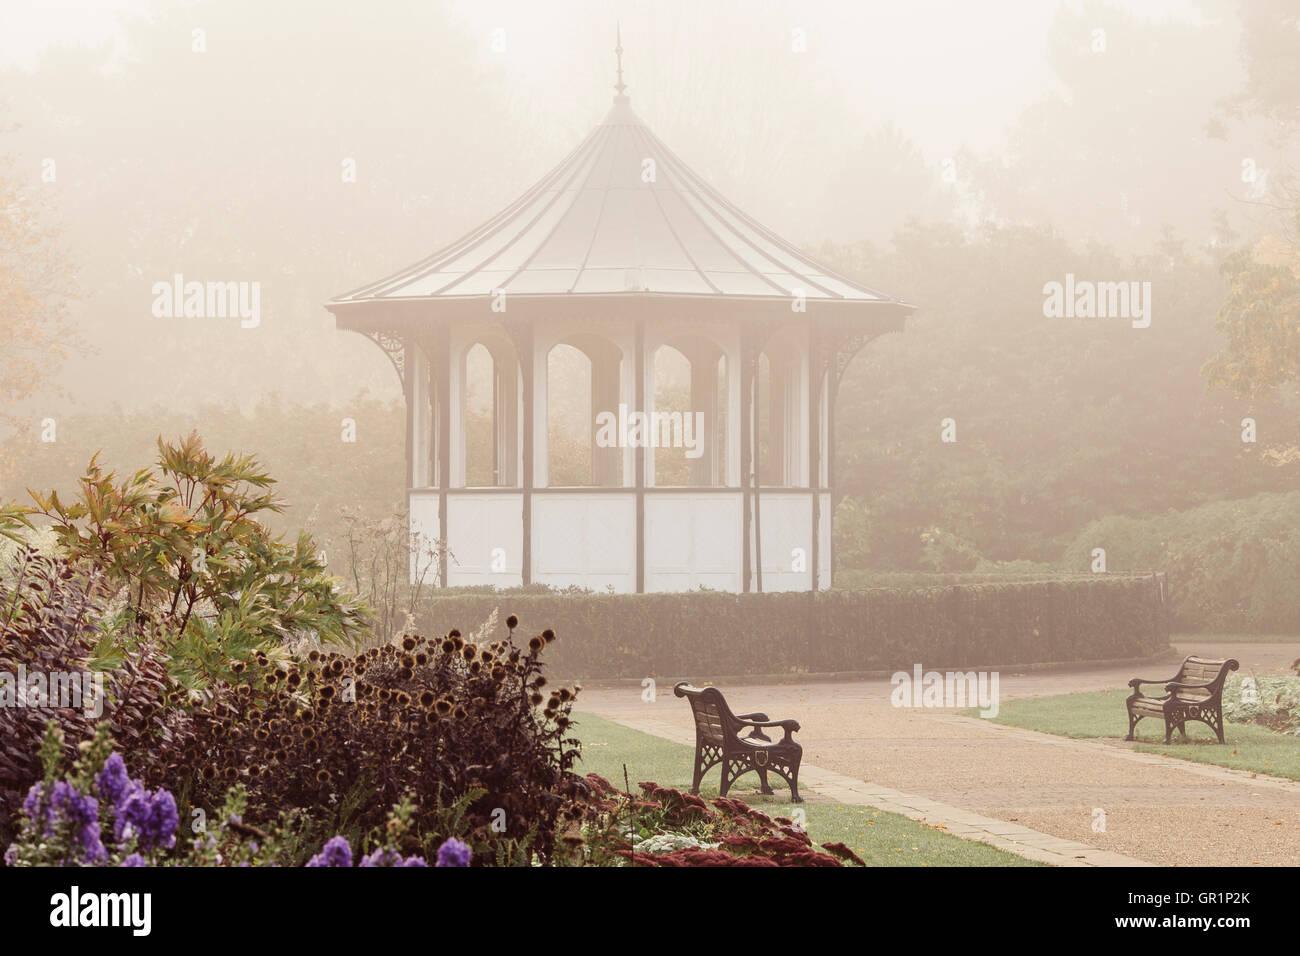 Bedford Park Bandstand - Stock Image